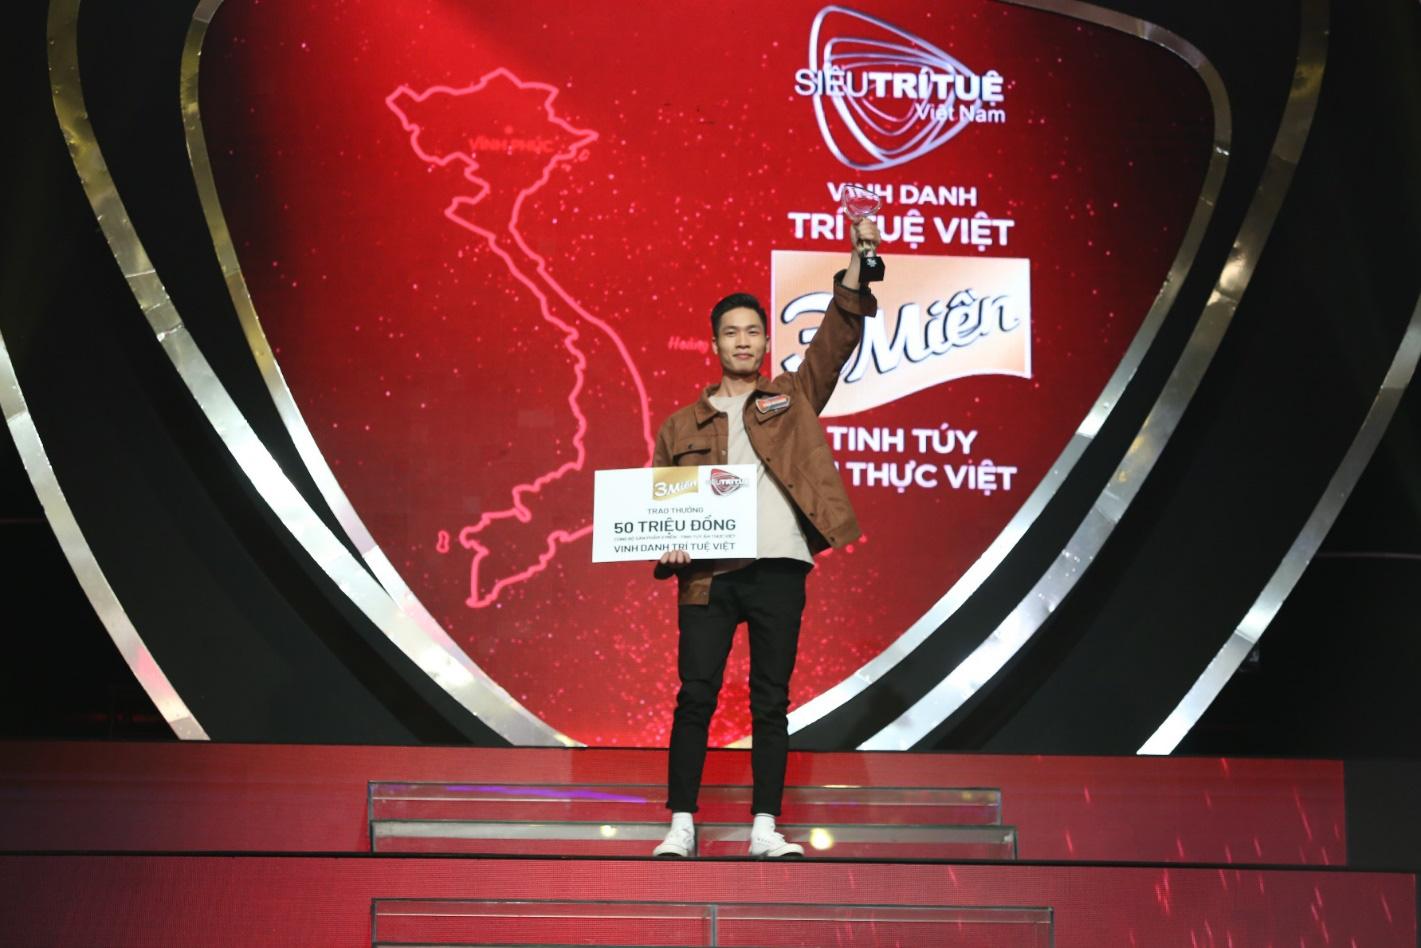 Xuất hiện hot boy xứng danh Trí Tuệ Việt 3 Miền khiến Trấn Thành, Wowy, Tóc Tiên trầm trồ, nổi da gà! - Ảnh 2.